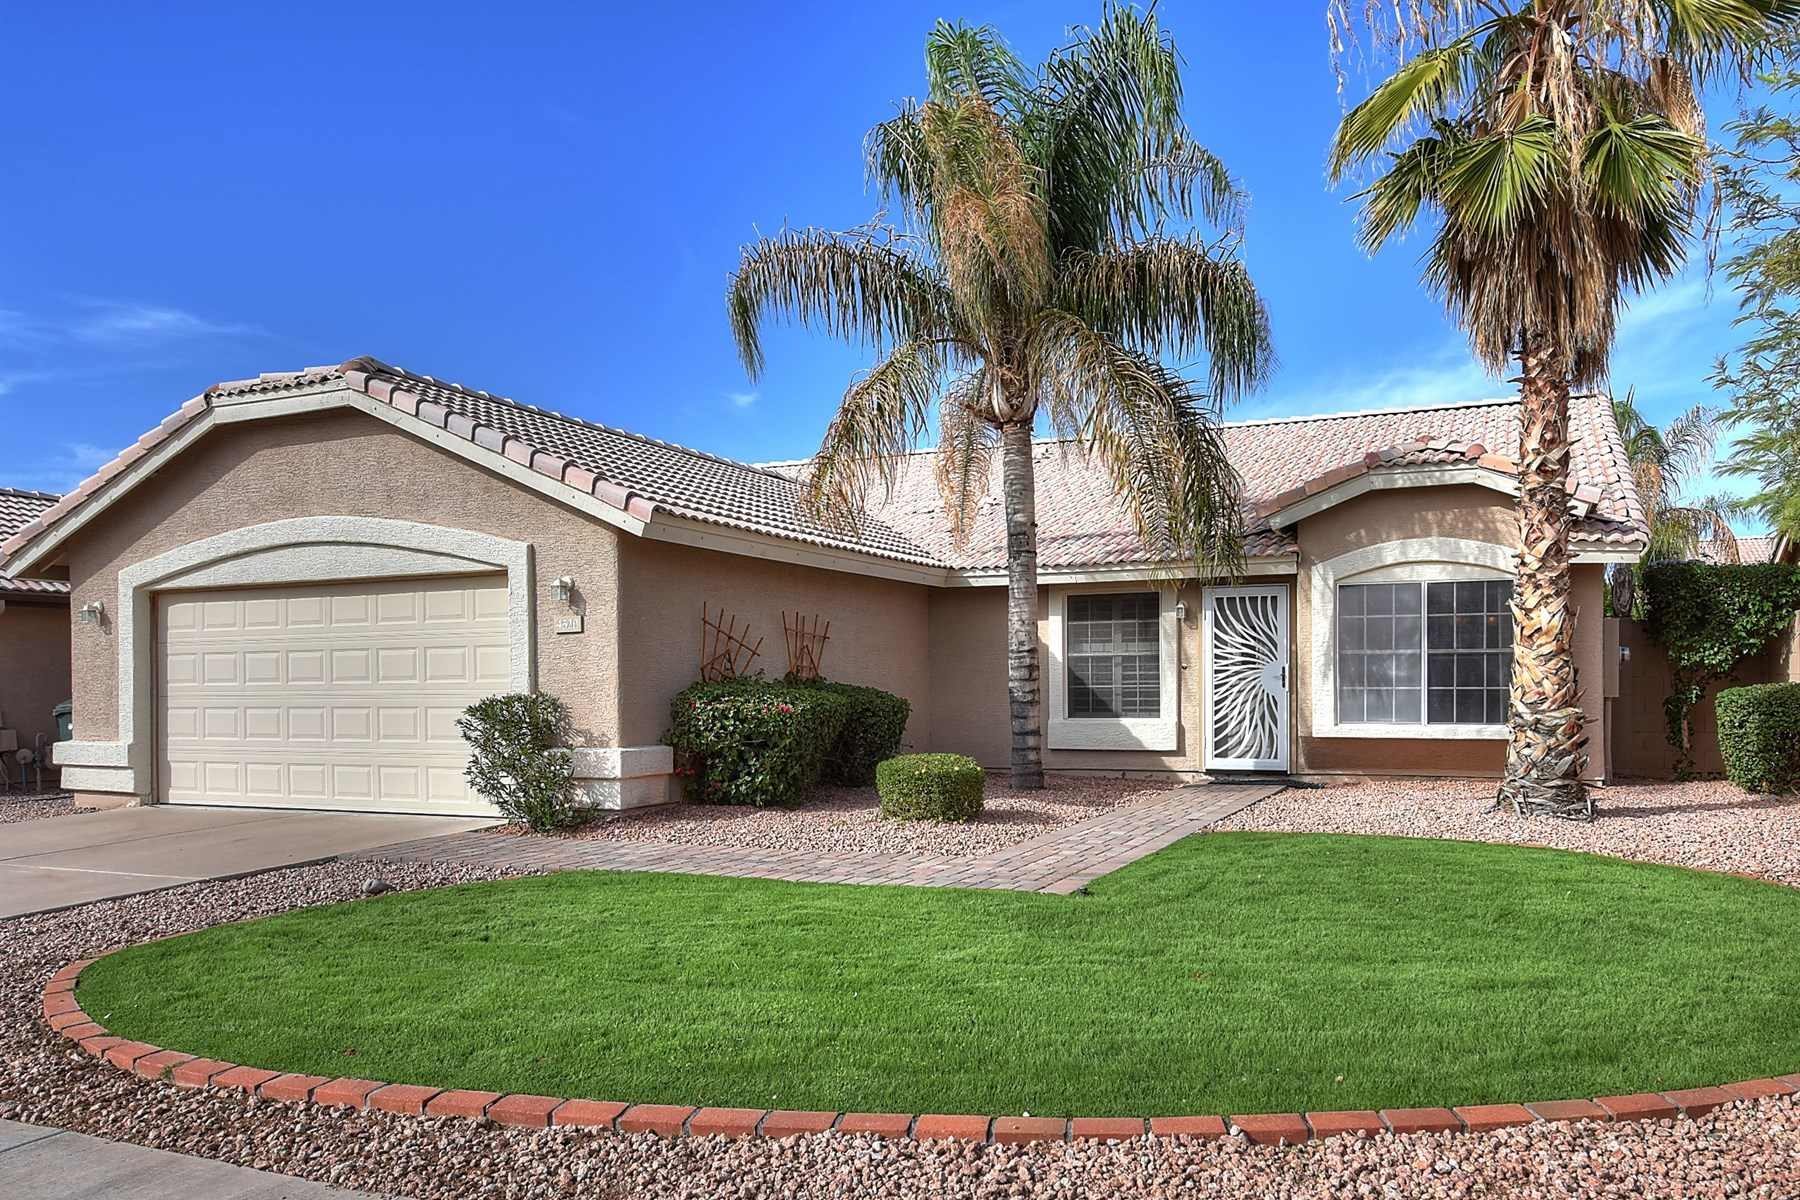 一戸建て のために 売買 アット Wonderful single level home 4520 E Angela Dr Phoenix, アリゾナ 85032 アメリカ合衆国